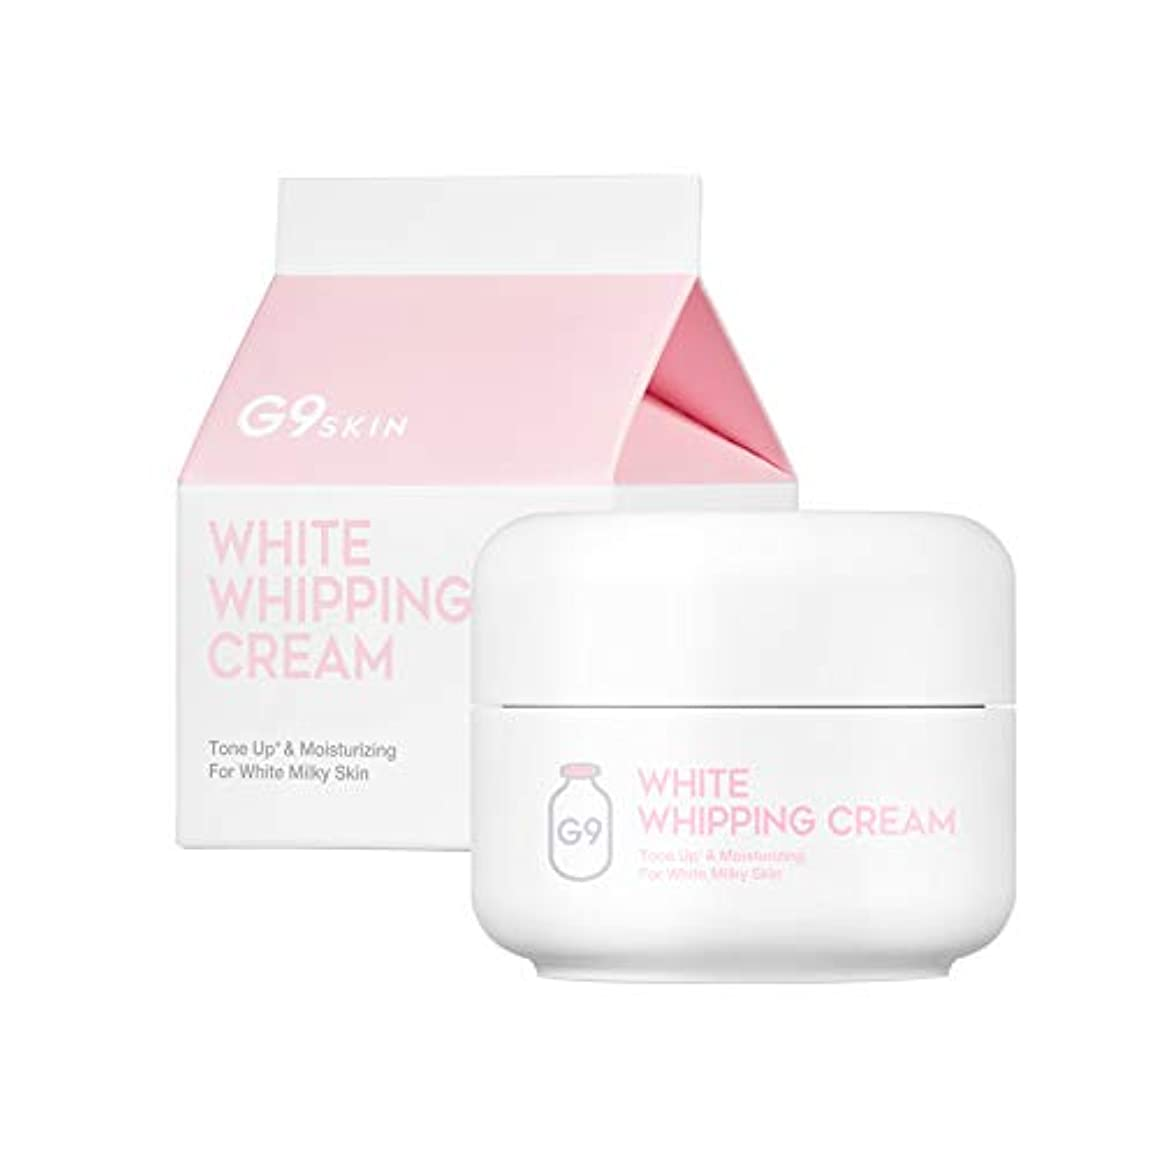 代表賞賛彼女は[ジナインスキン] G9SKIN ジーナイン スキン ホワイト フイッピング クリーム (G9 Skin White Whipping Cream) [海外直送品] [並行輸入品]